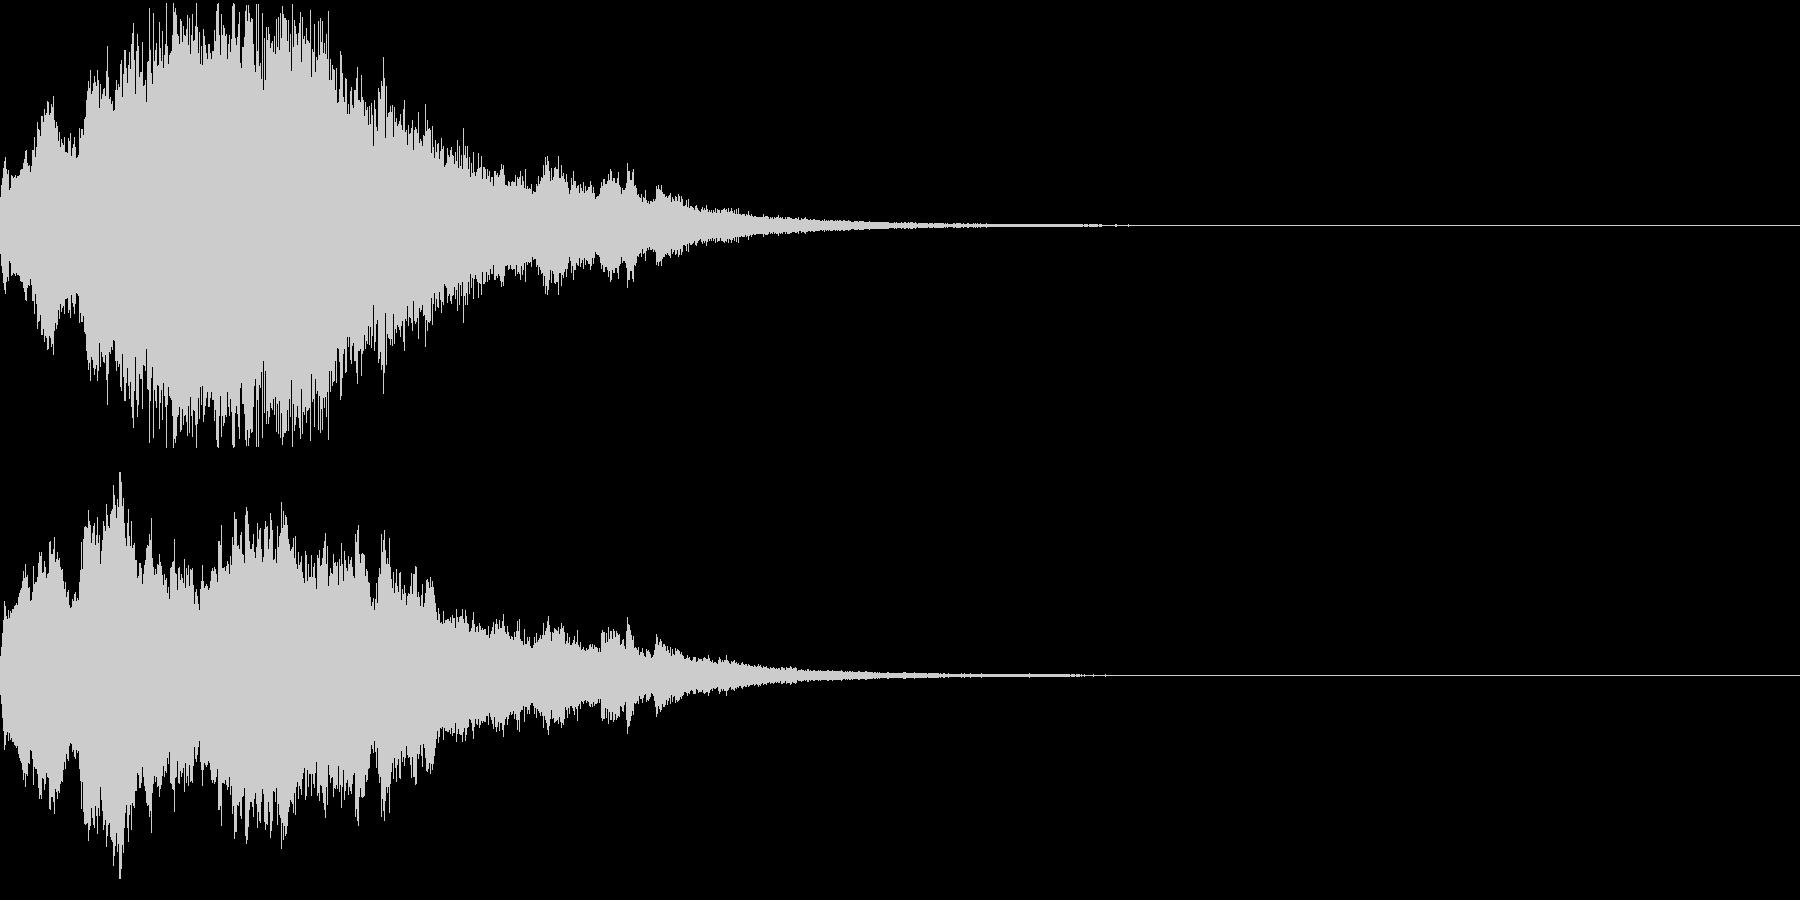 クリスマス ジングルベル キラキラ 09の未再生の波形